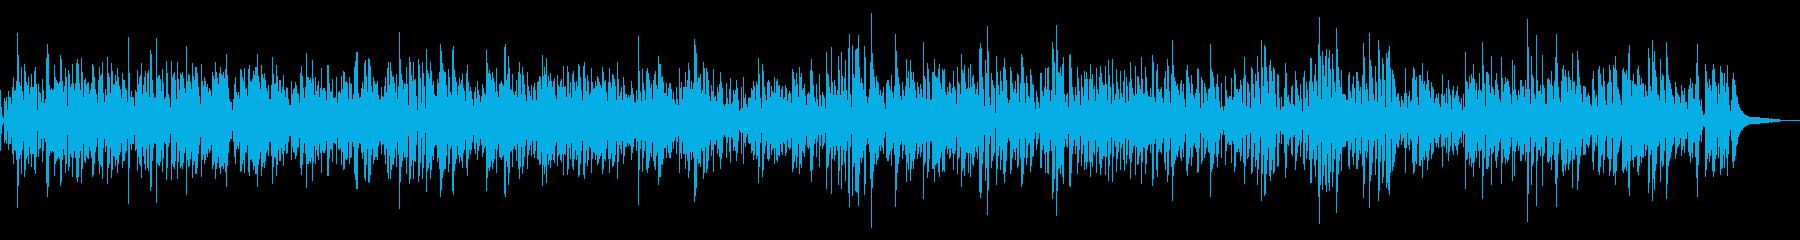 クールおしゃれカフェ系疾走感ピアノジャズの再生済みの波形